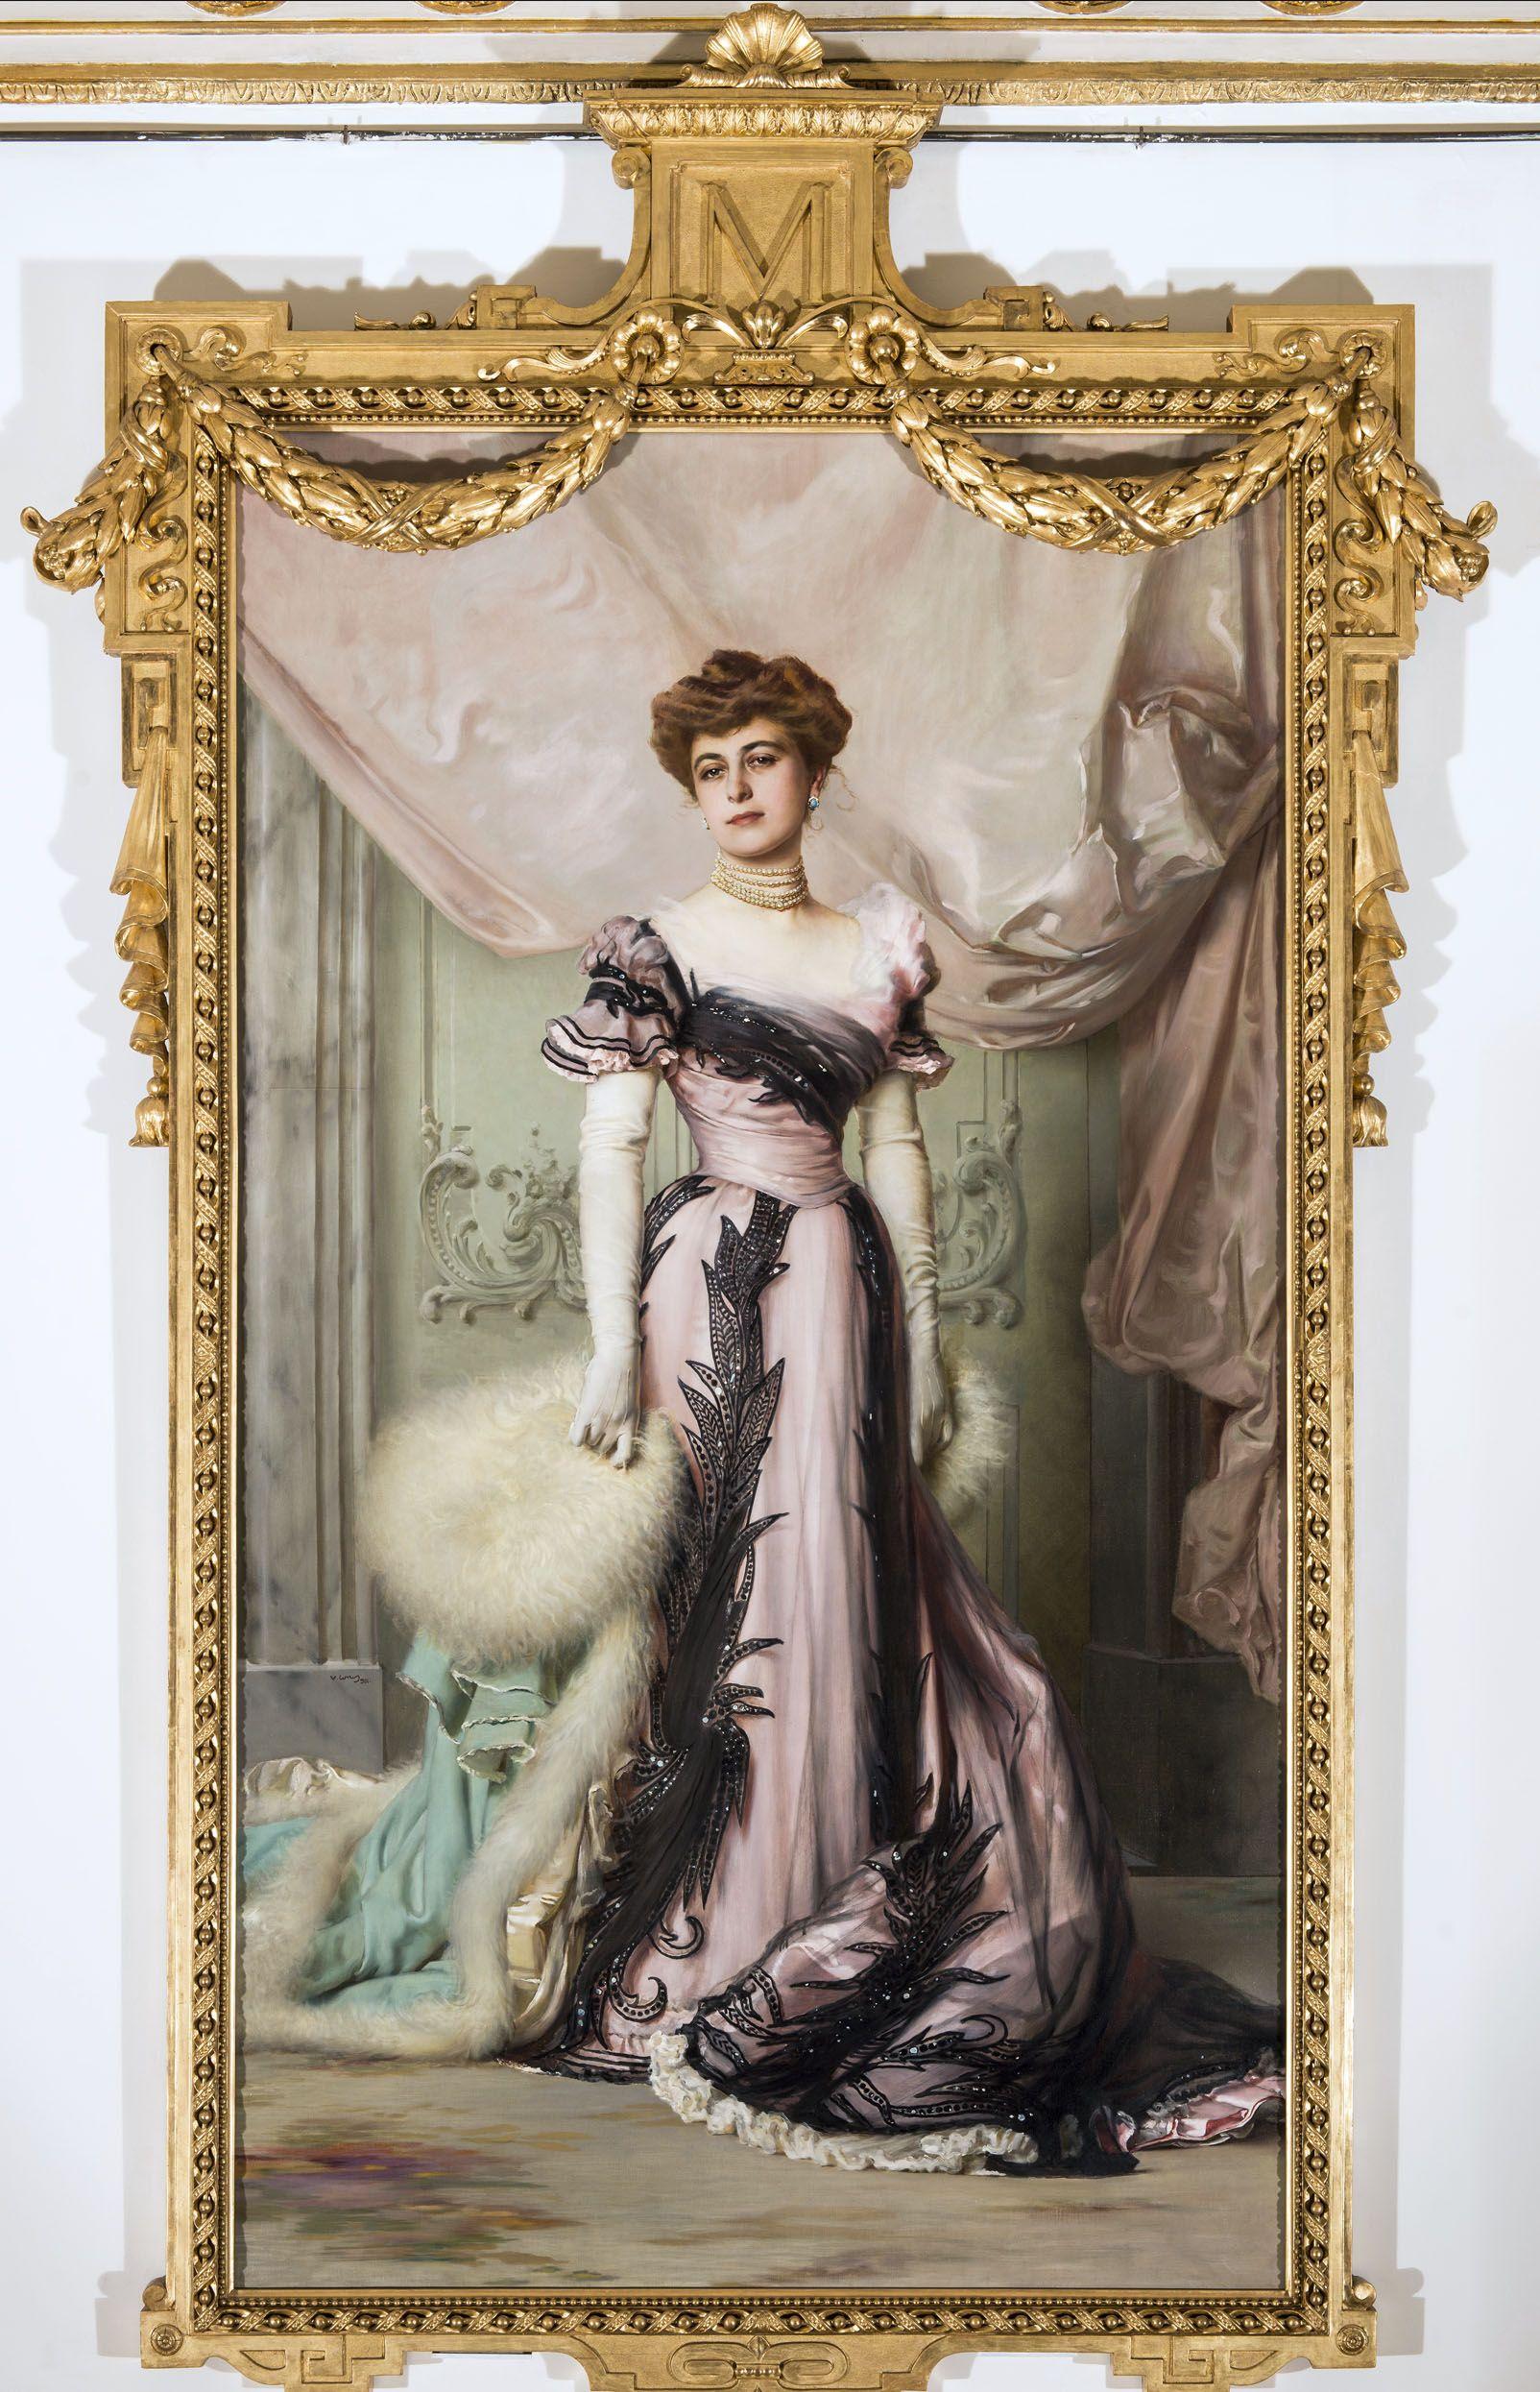 Vittorio Corcos, Contessa Carolina Sommaruga Matteini, 1901, Fondazione per l'Istituto Svizzero di Roma